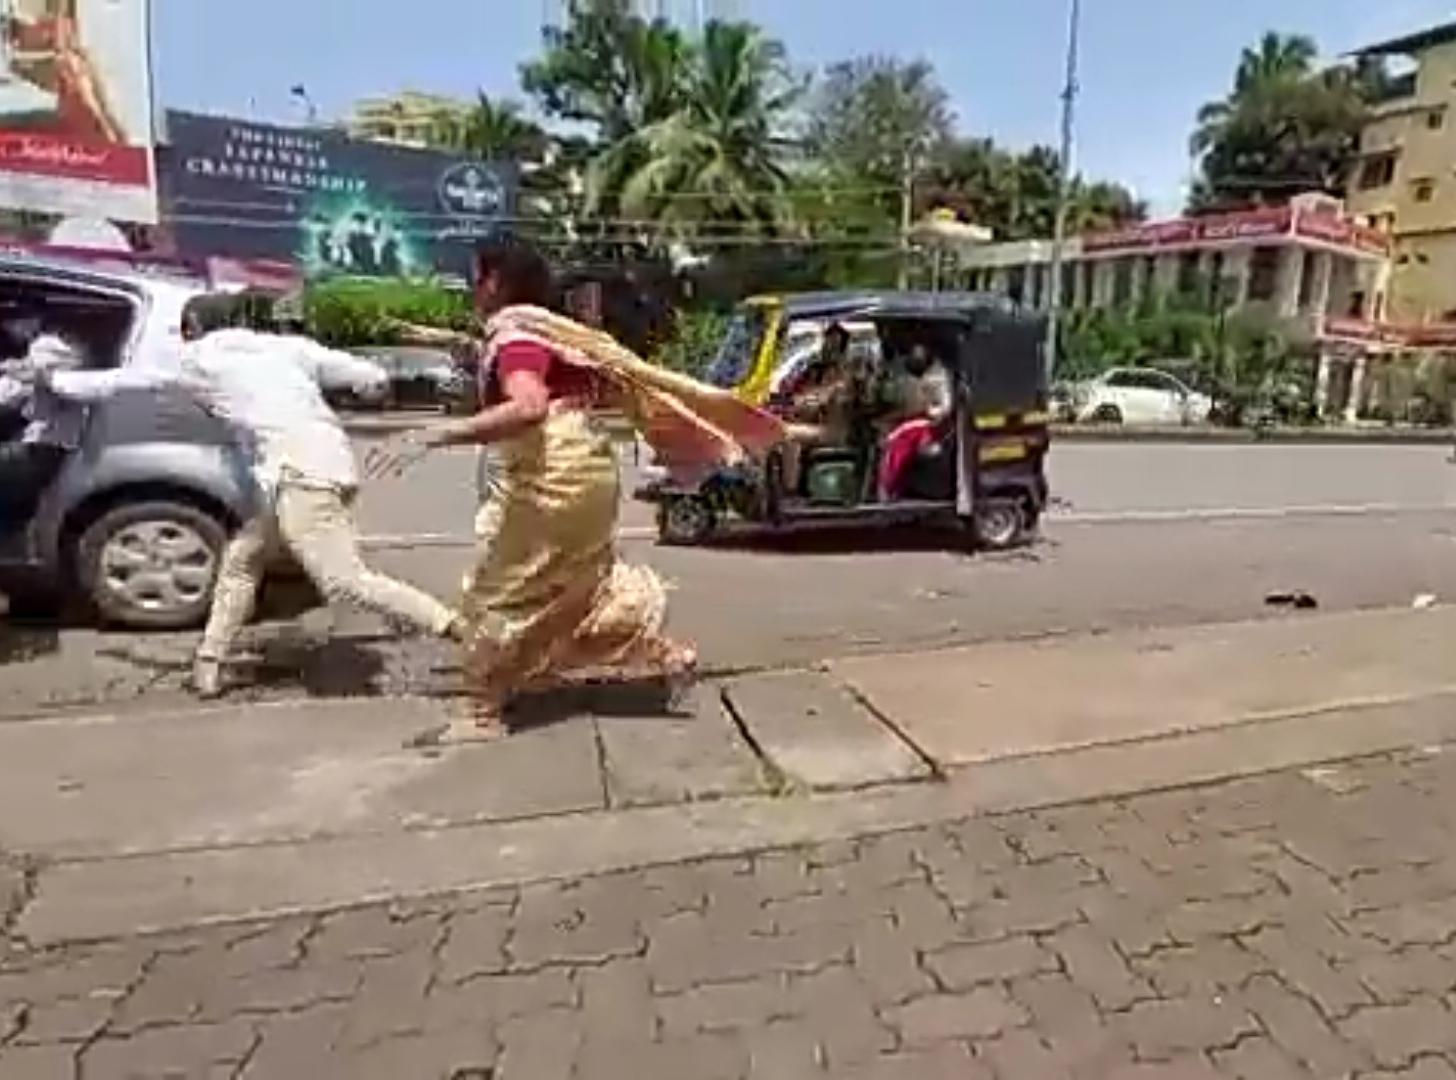 ಮಂಗಳೂರು: ಹಾಡಹಗಲೇ ನಡುರಸ್ತೆಯಲ್ಲಿ ಮಹಿಳೆಯ ದರೋಡೆಗೆ ಯತ್ನ: ಎದೆ ಜಲ್ಲೆನಿಸುತ್ತದೆ ದೃಶ್ಯ